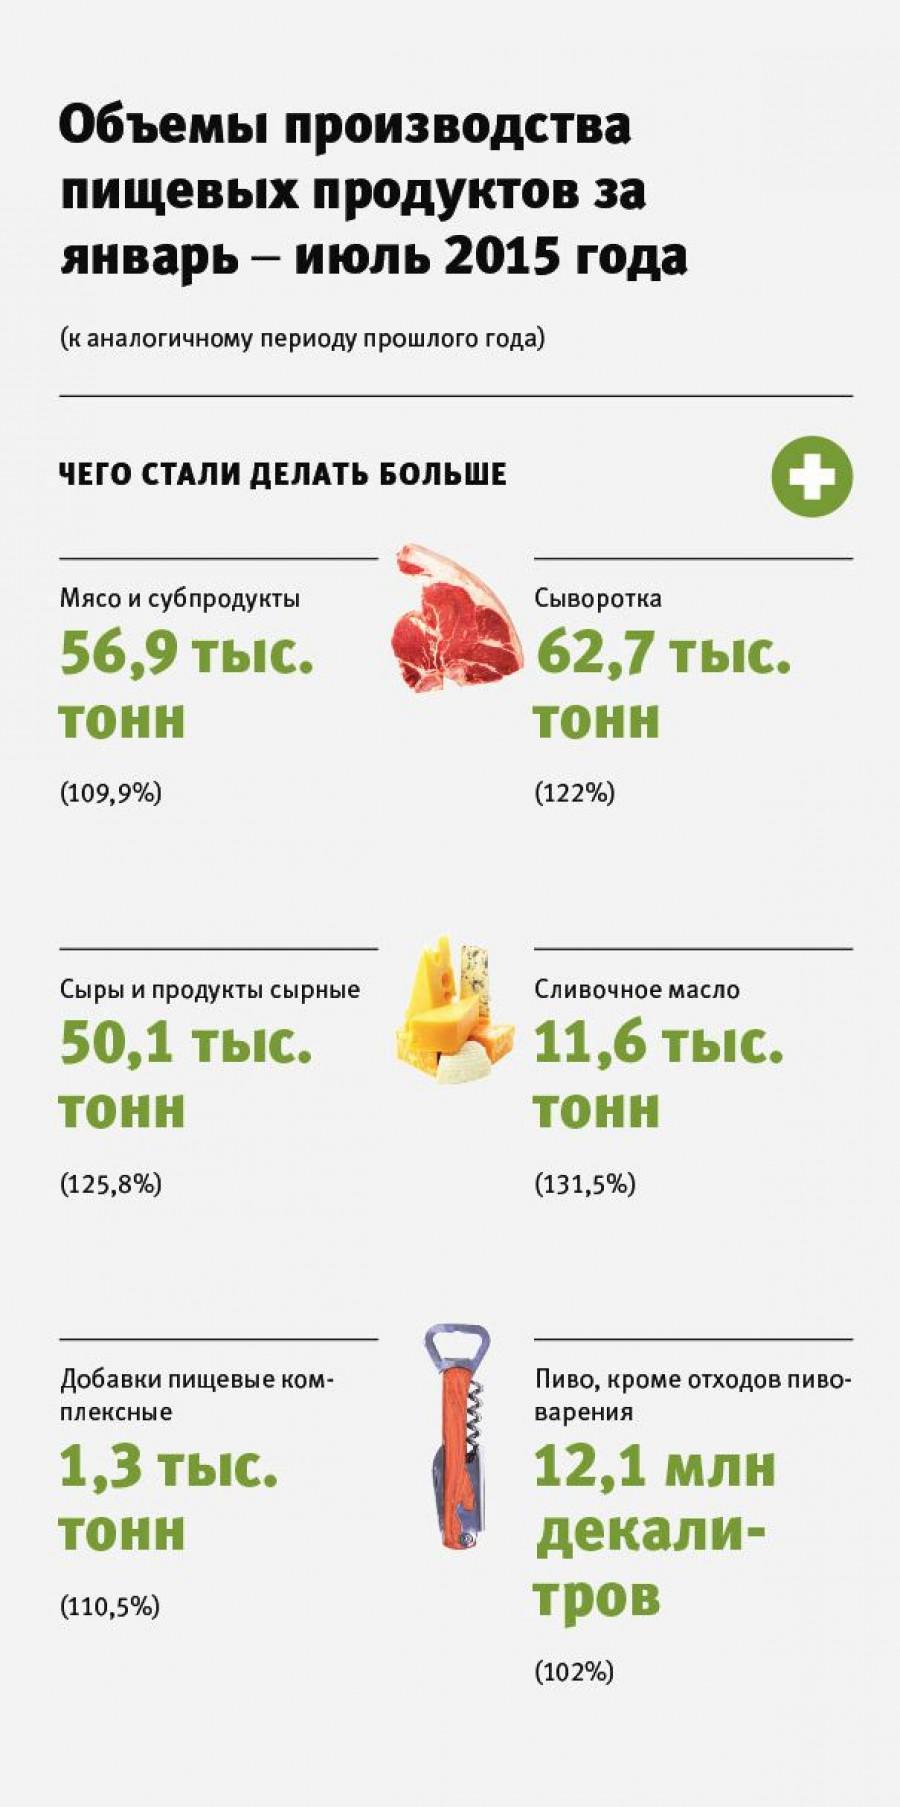 Объемы производства пищевых продуктов за январь-июль 2015 года.